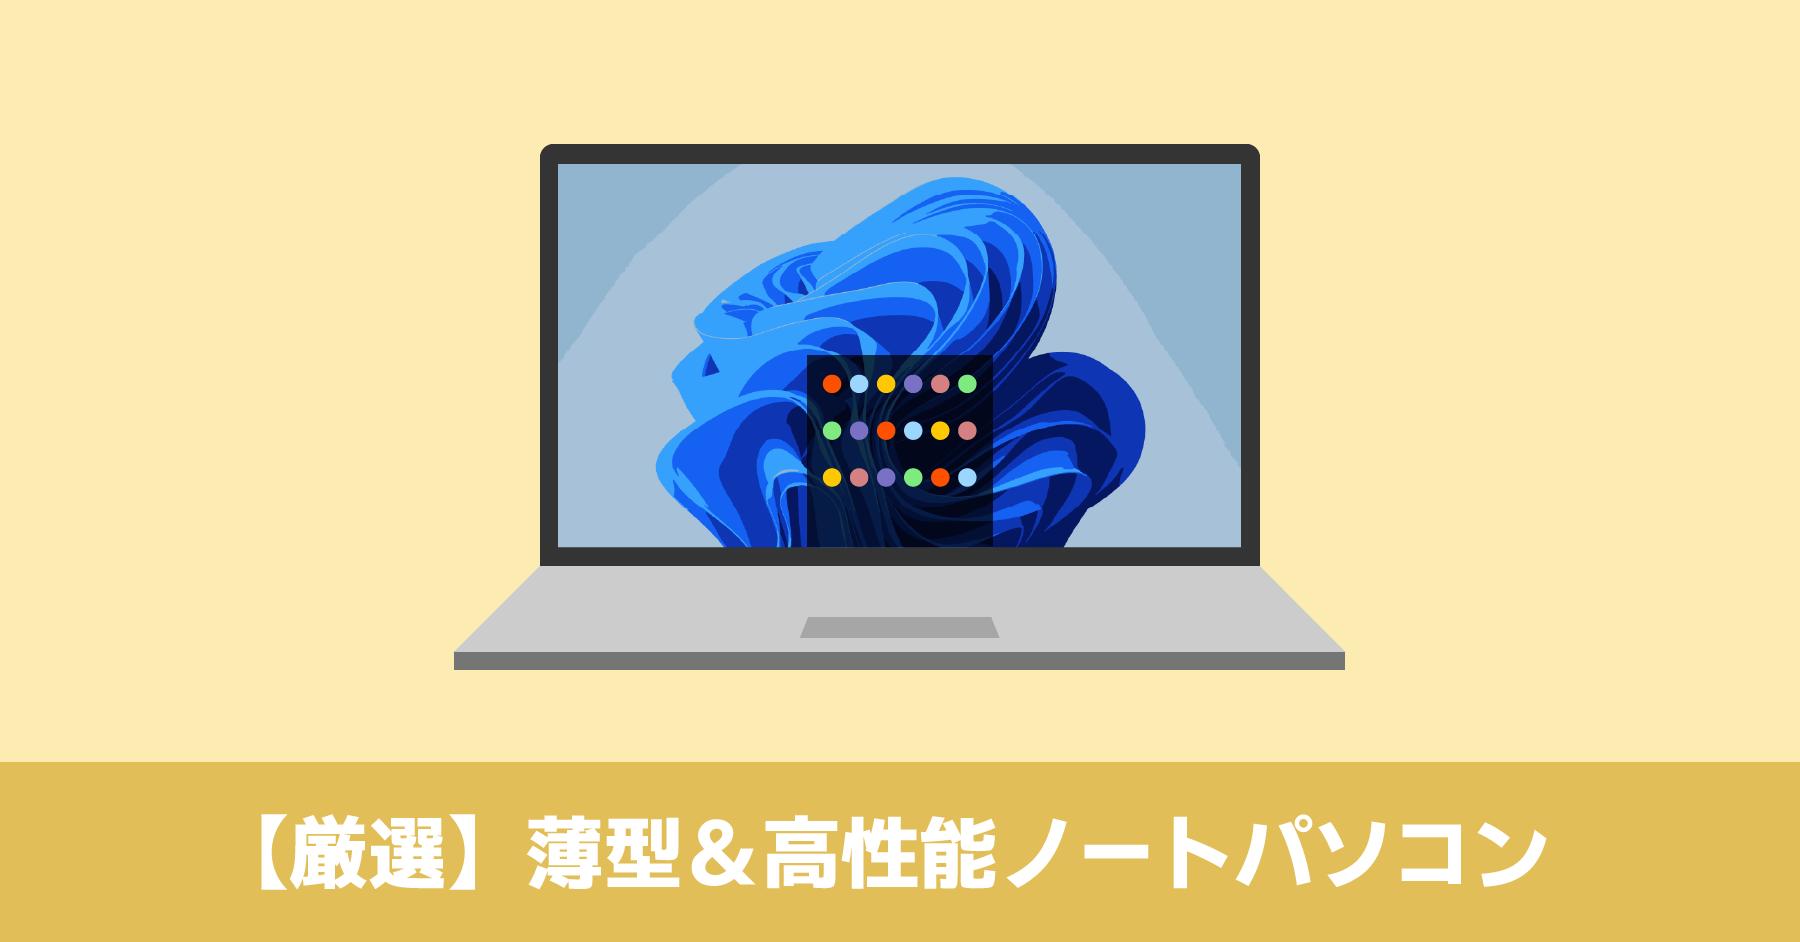 薄型・軽量で高性能 おすすめ Windows ノートパソコン